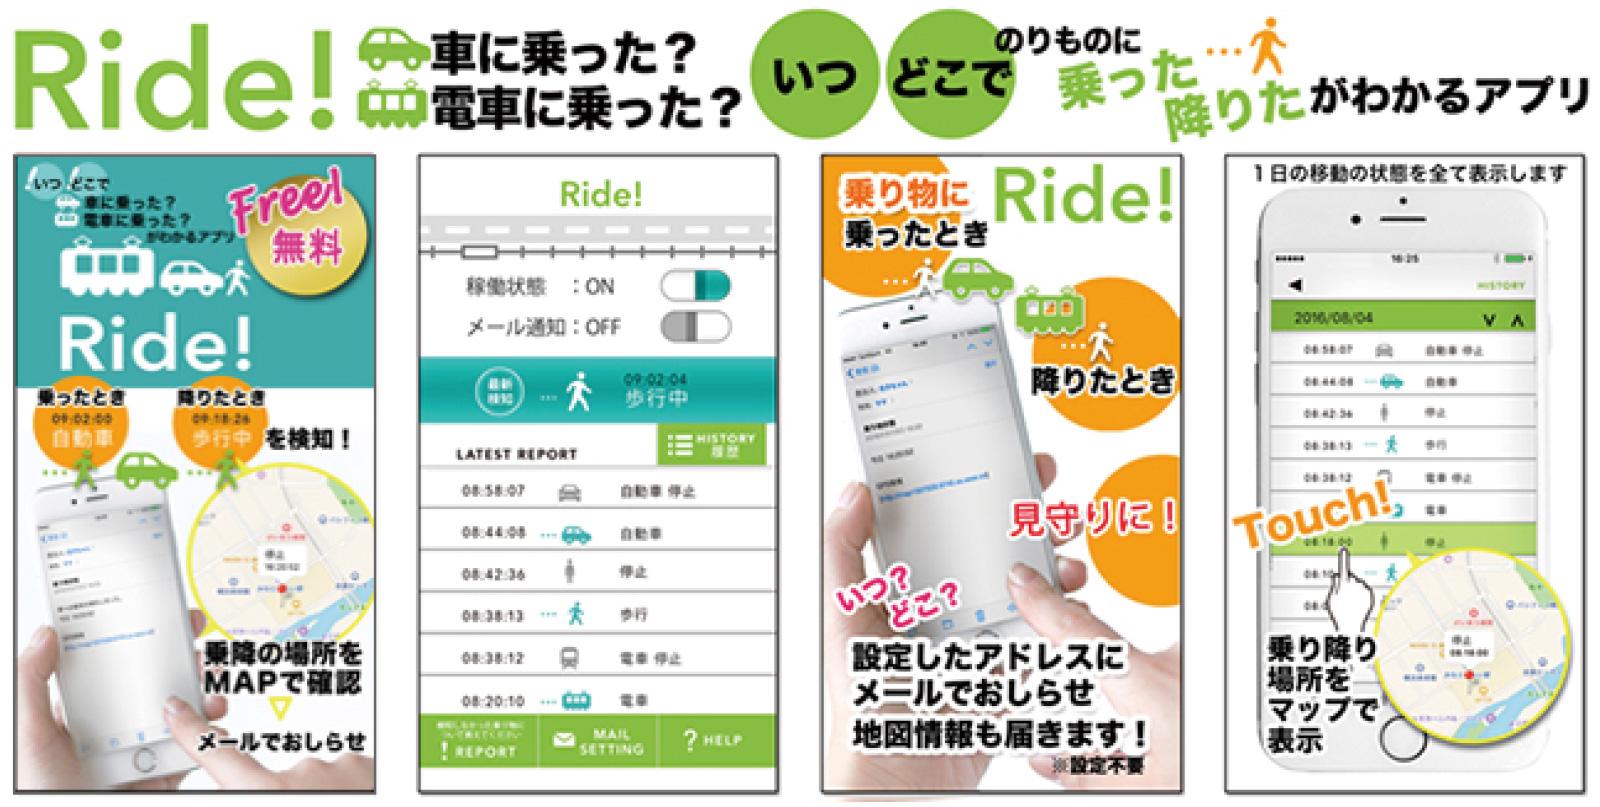 乗り物検知アプリRide! (ライド!)